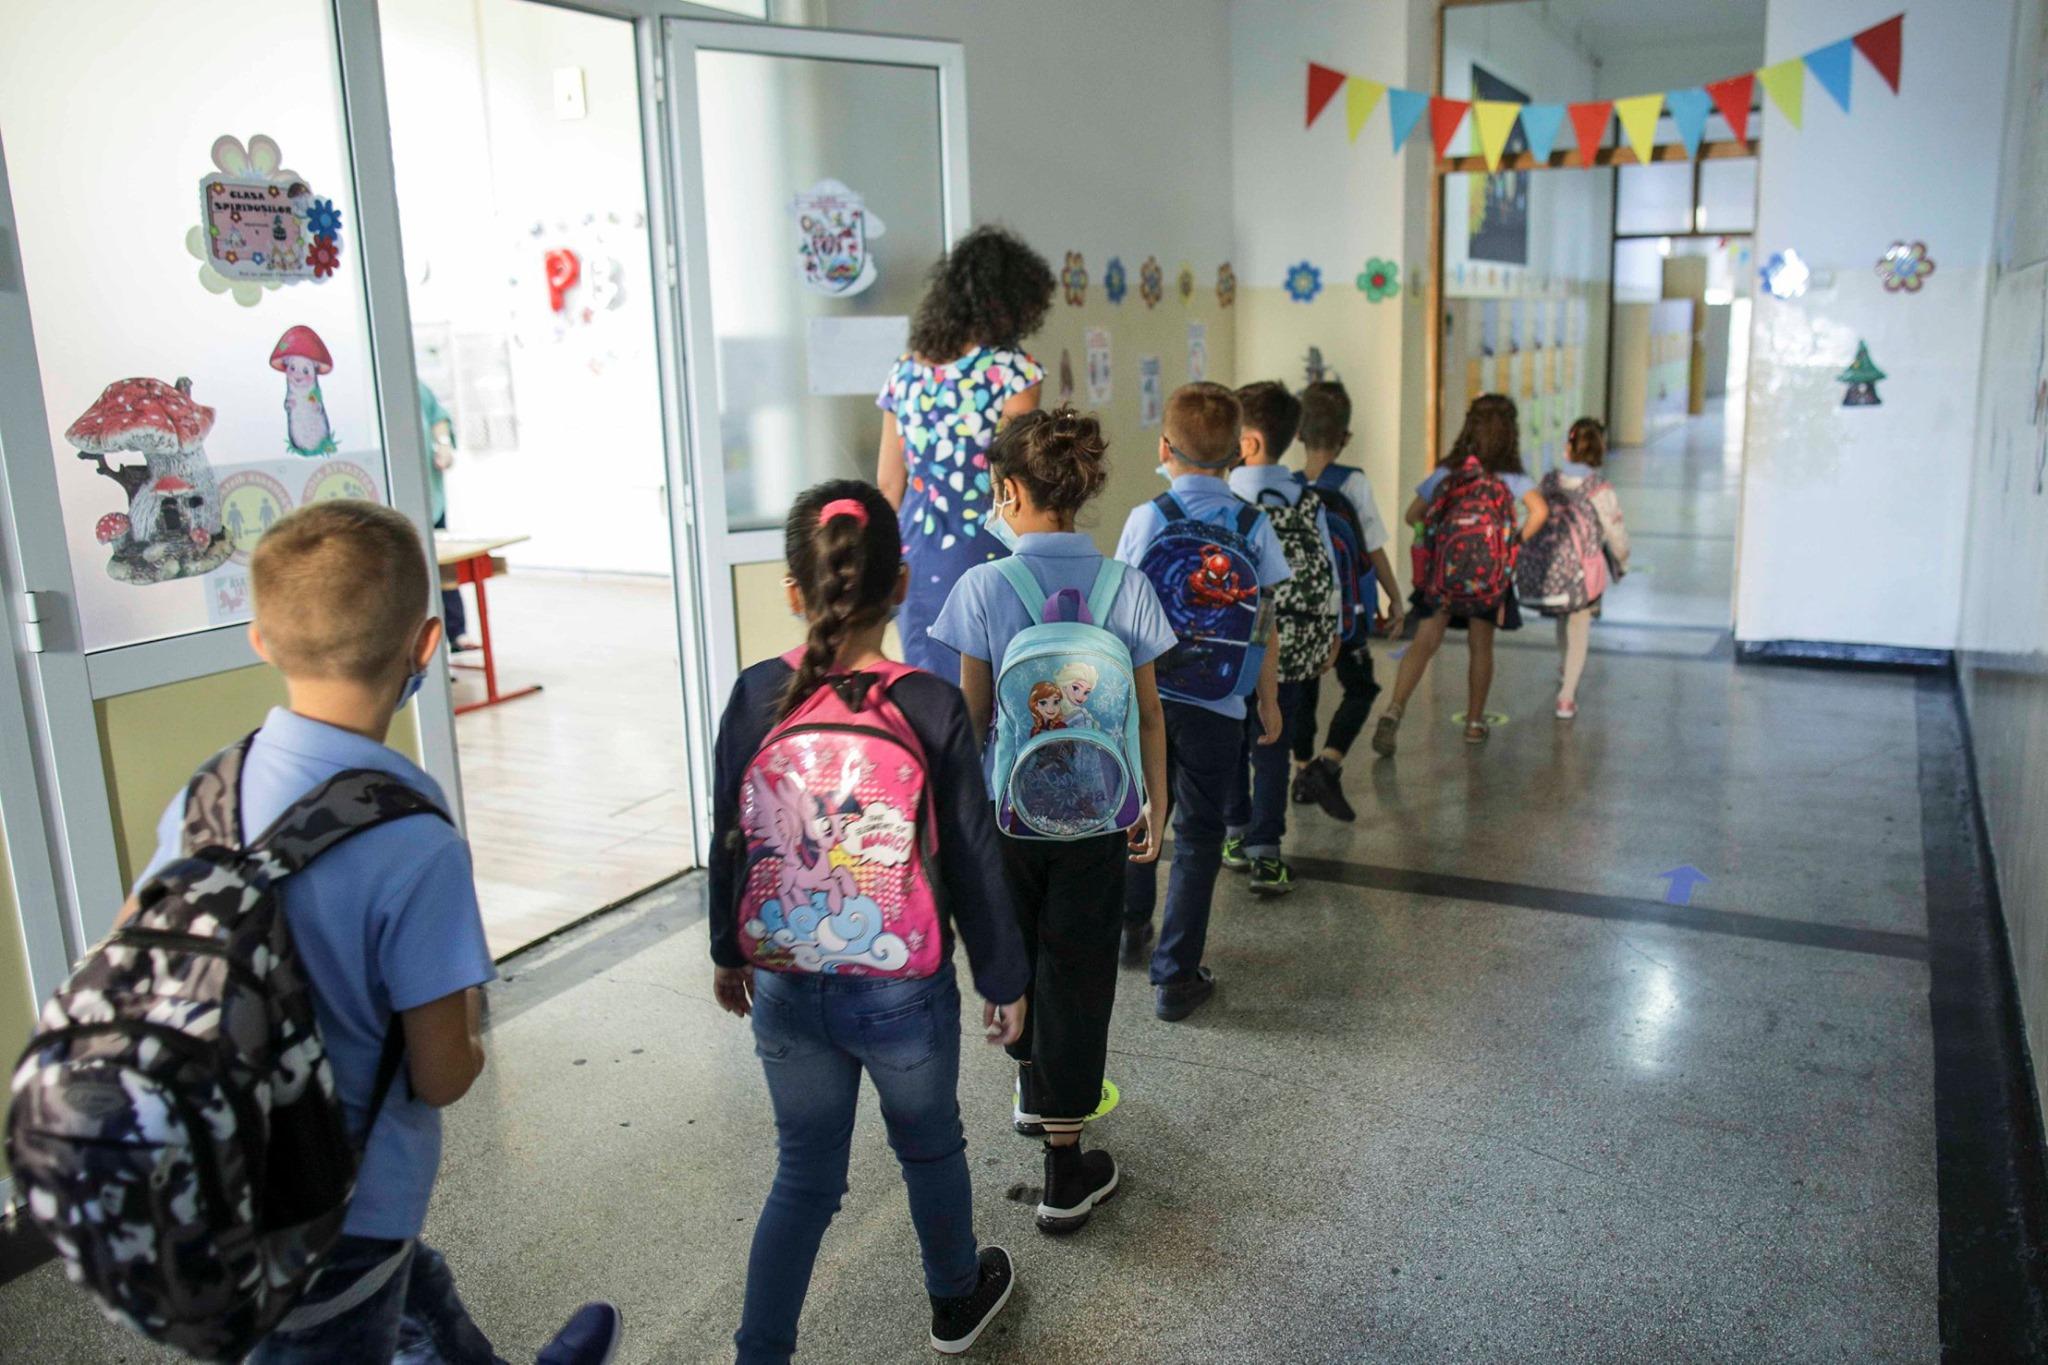 NEWS ALERT! Elevii se întorc la şcoală! Decizia este oficială! Unde s-a anunţat